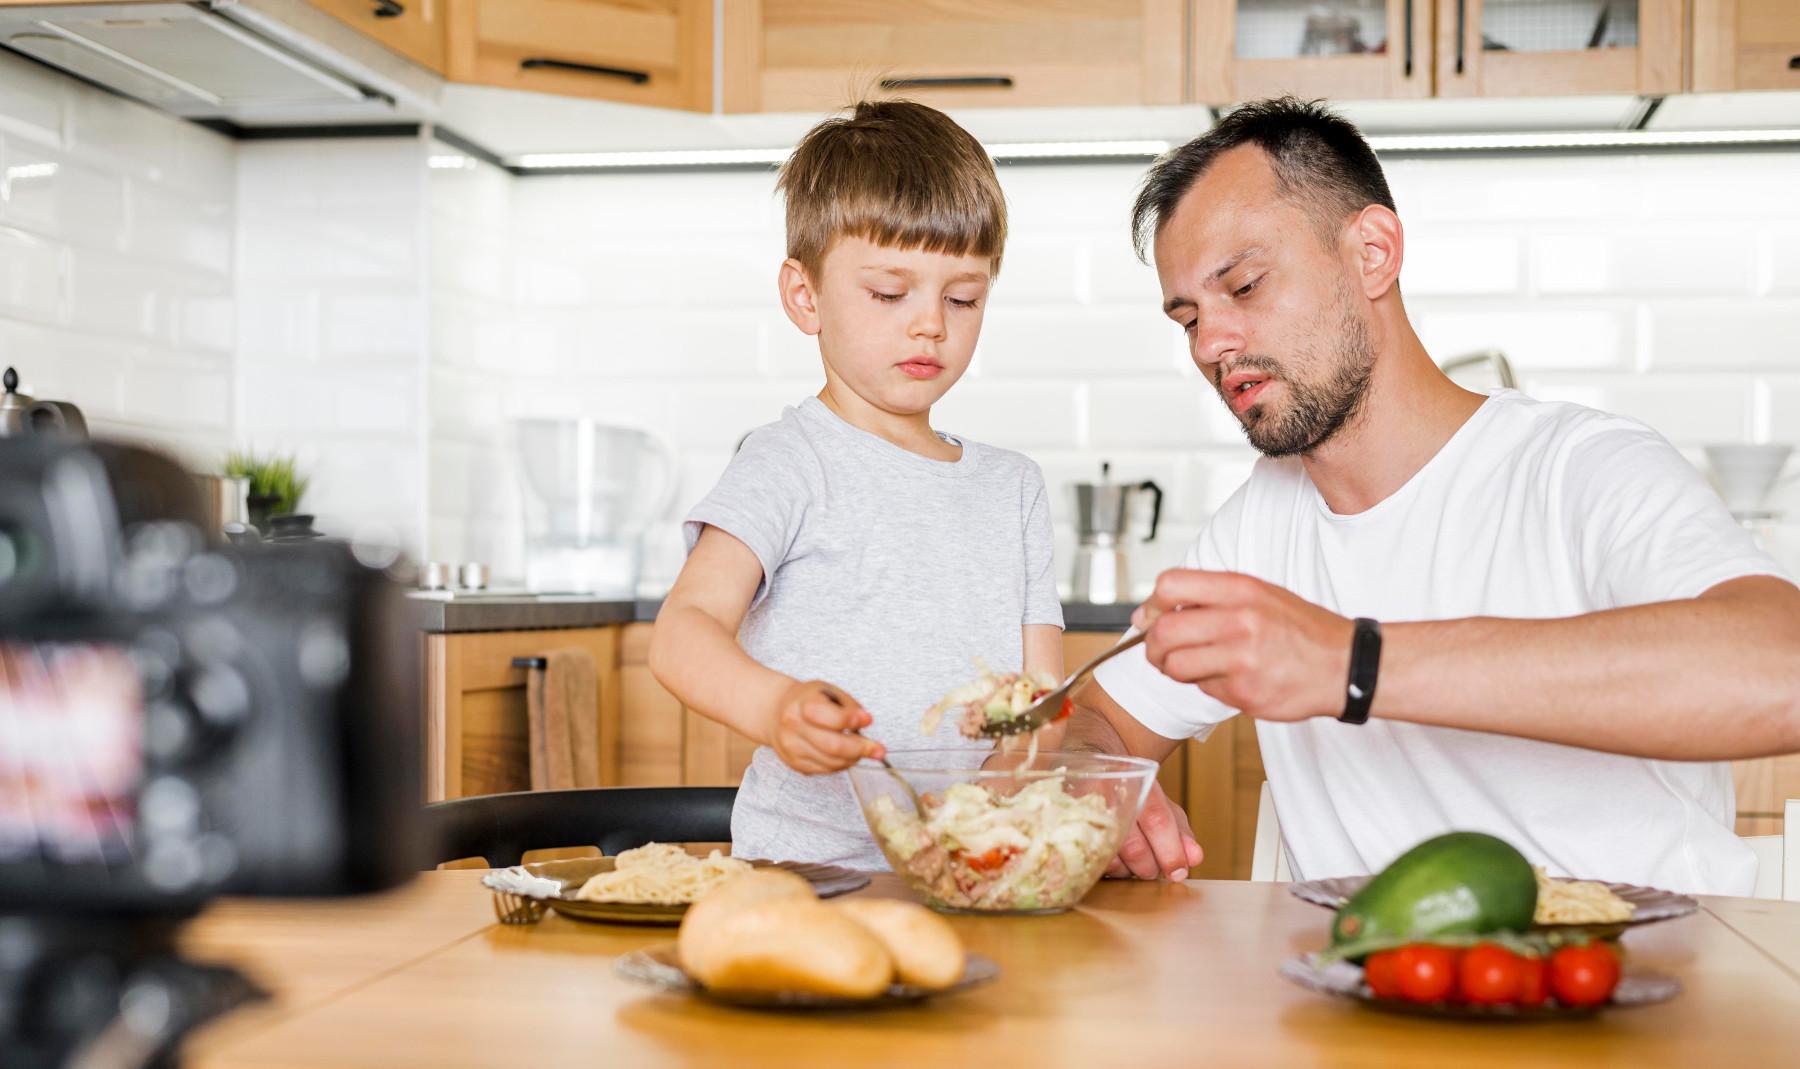 ילדים במטבח – משימה בלתי אפשרית או הזדמנות לשיתוף ולמידה?